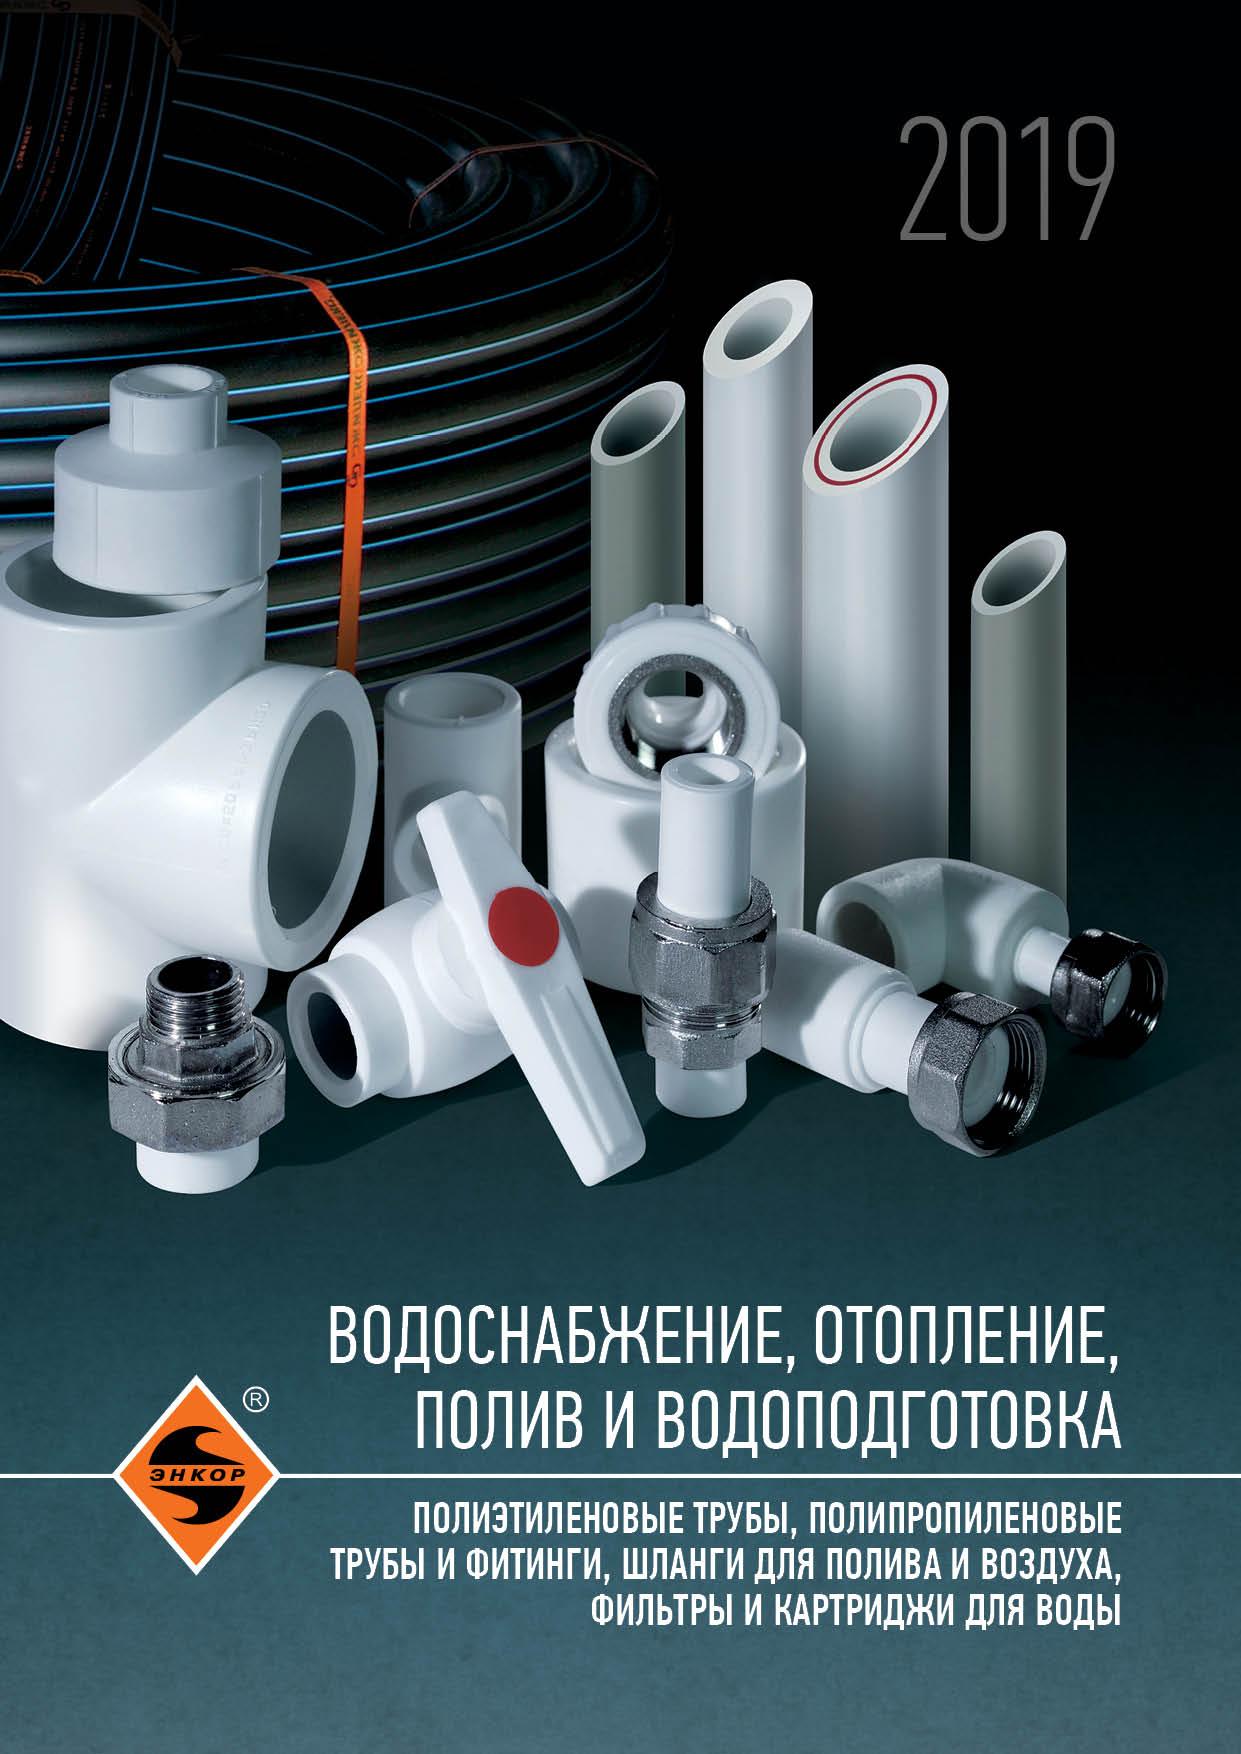 Скачать каталог Каталог Водоснабжение, отопление и полив в формате pdf